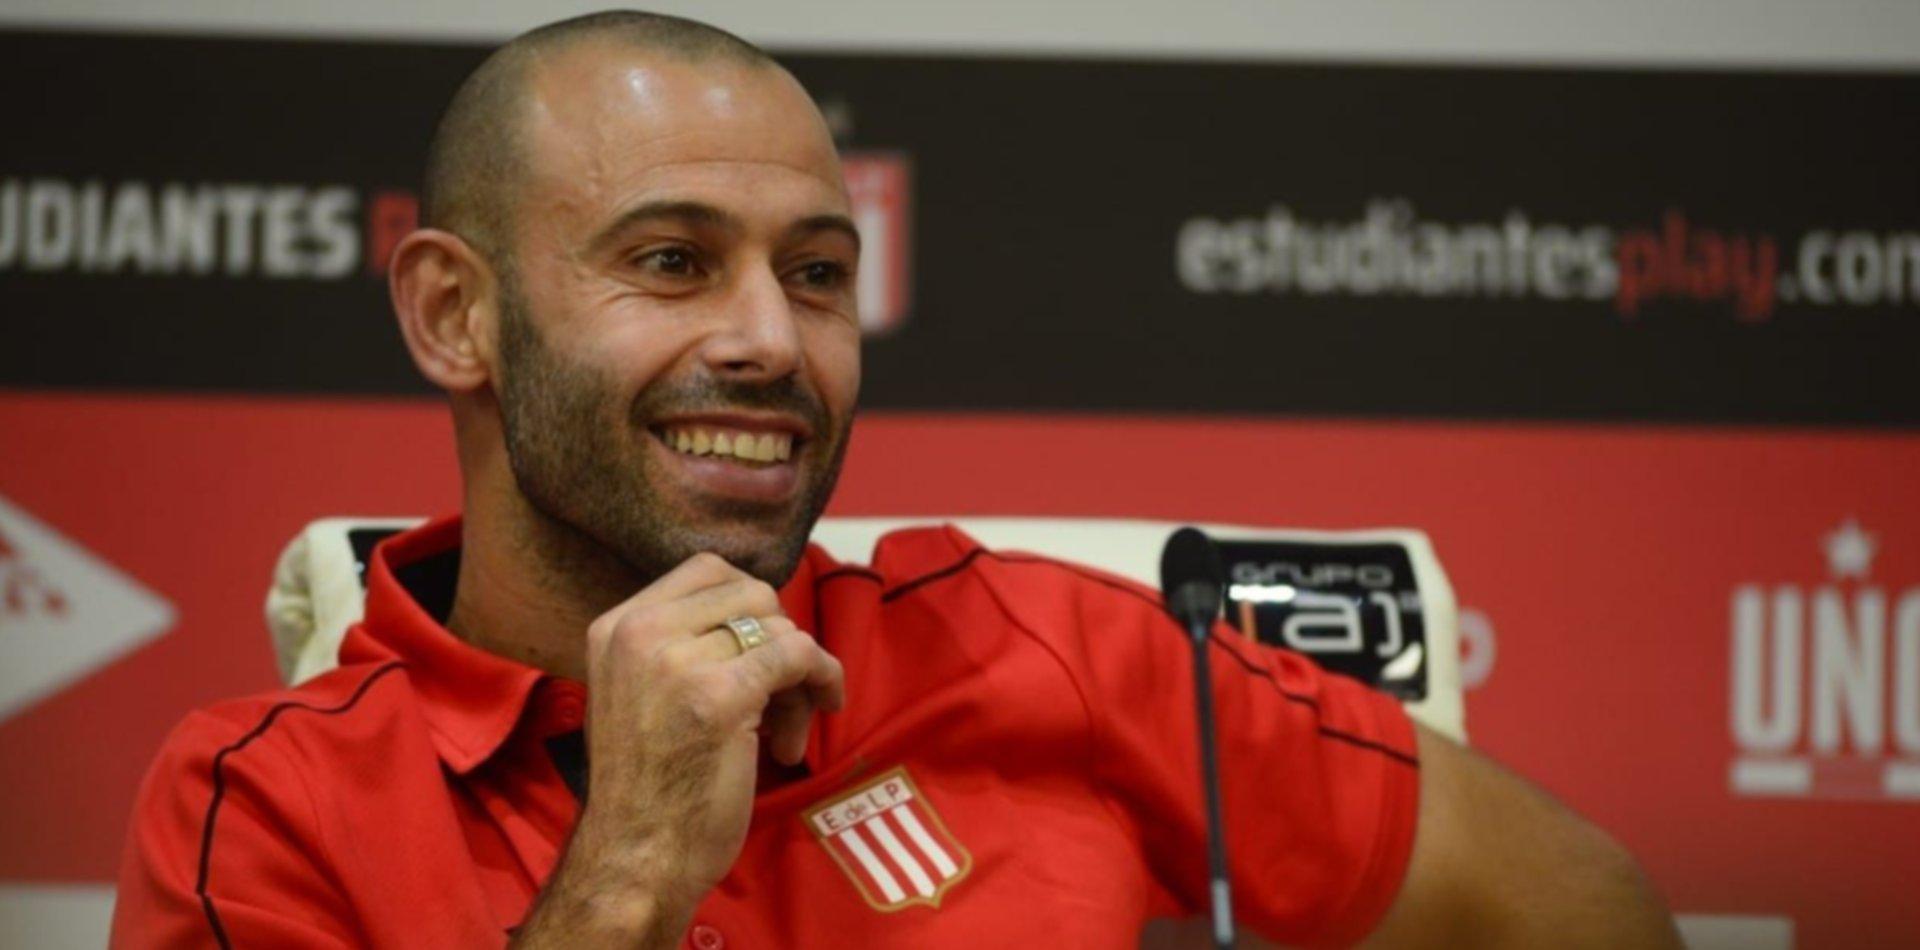 Estudiantes: Mascherano habló de Verón, el número de camiseta y recordó a Bilardo